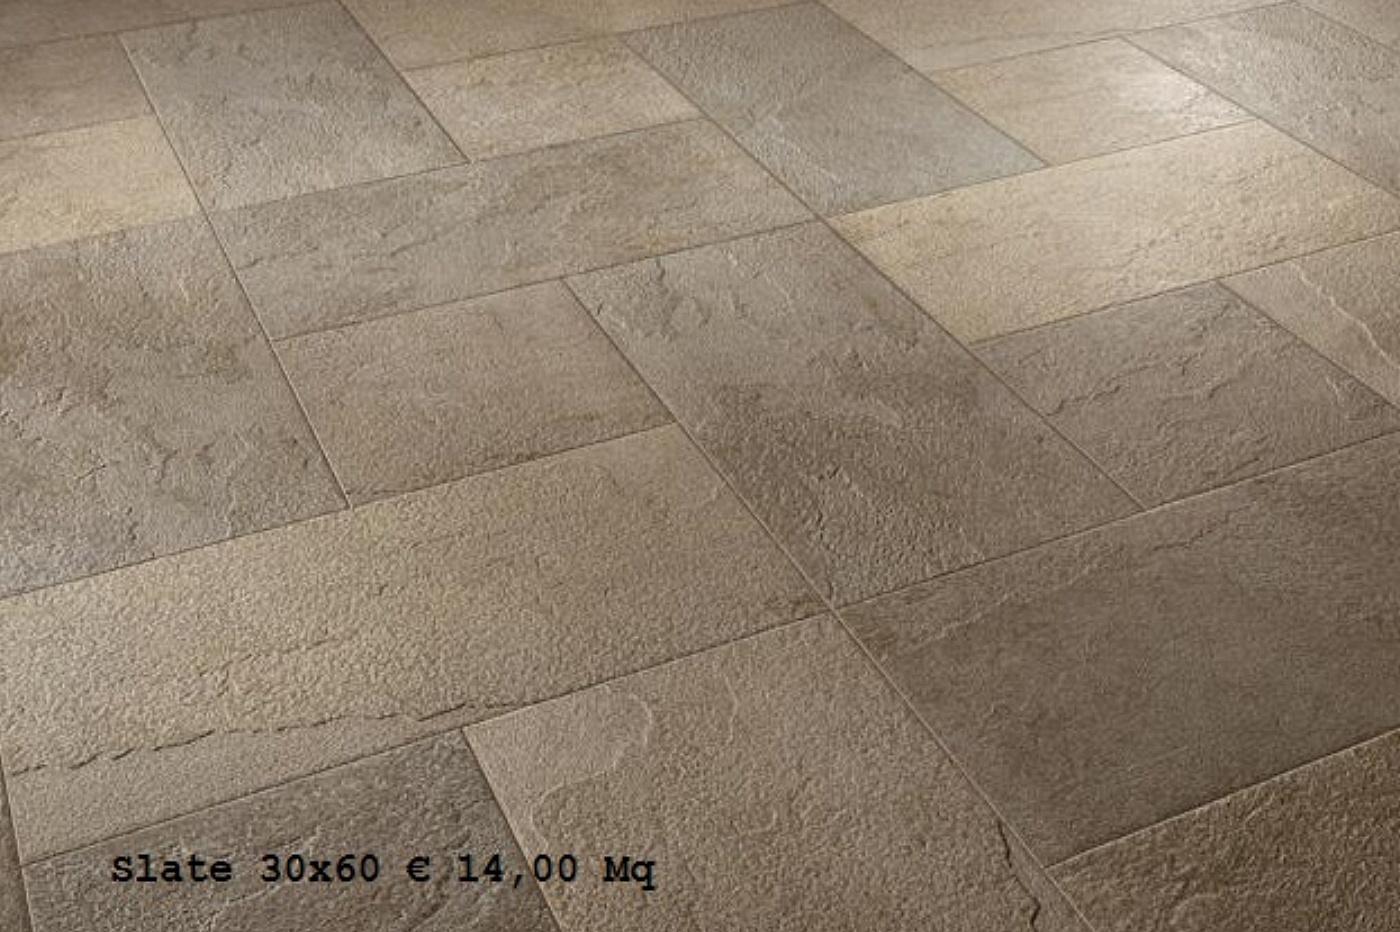 Ceramiche sassuolo sm di sacchi marco pavimenti per esterni